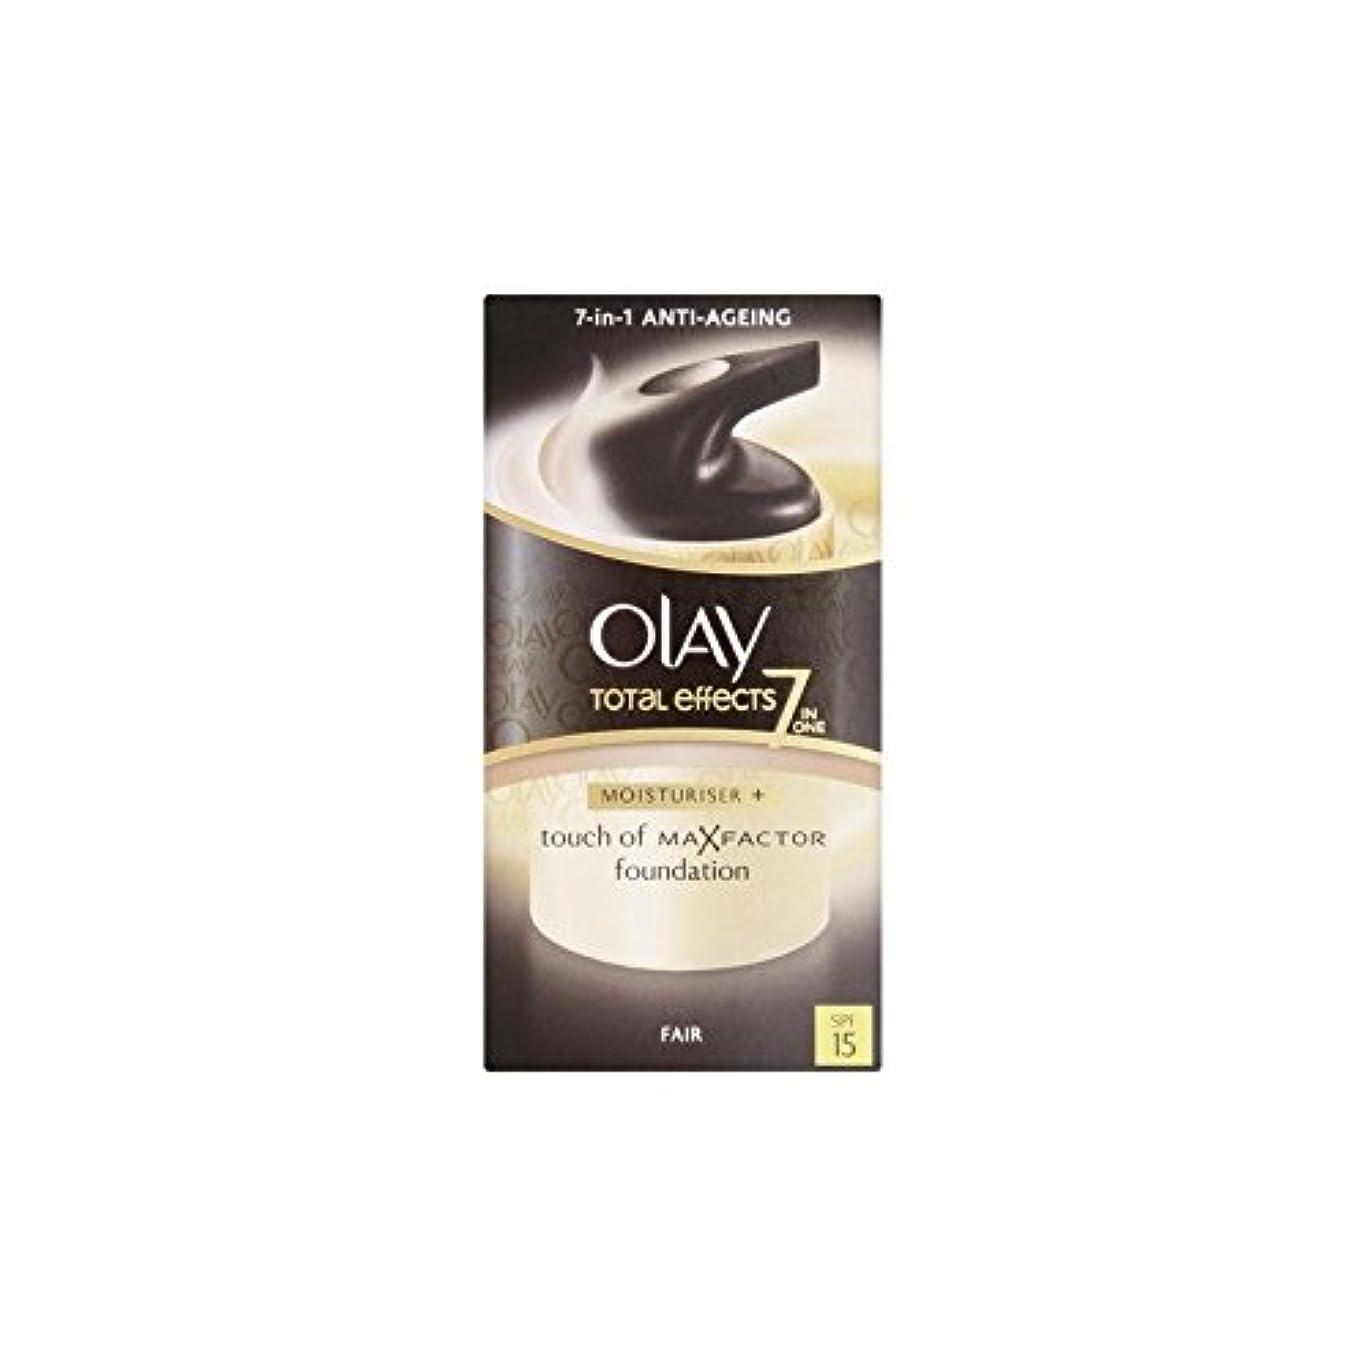 手伝う読書リッチOlay Total Effects Moisturiser Bb Cream Spf15 - Fair (50ml) (Pack of 6) - オーレイトータルエフェクト保湿クリーム15 - フェア(50ミリリットル...